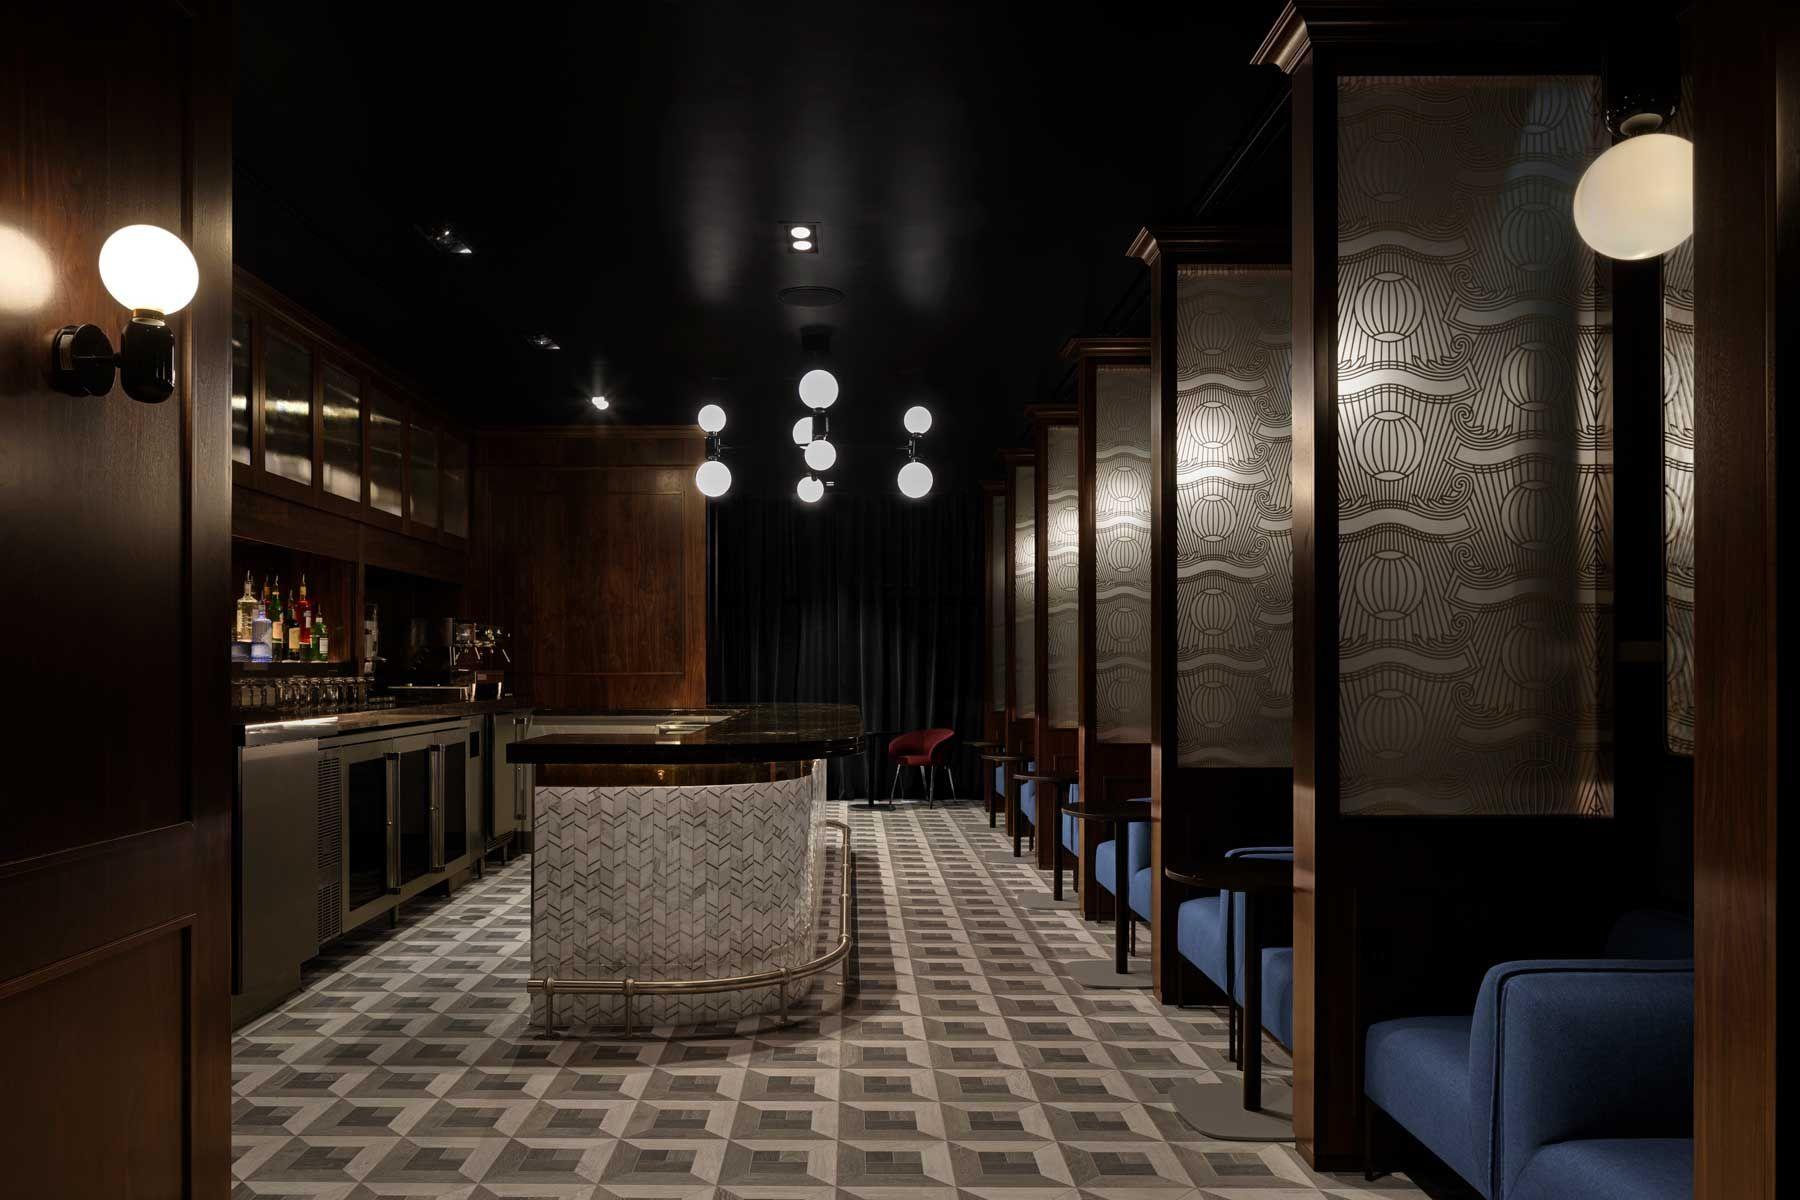 復古時髦、貴賓限定的超隱密地下酒吧「1850」進駐紐約JFK機場,重現紐約「禁酒令」時代